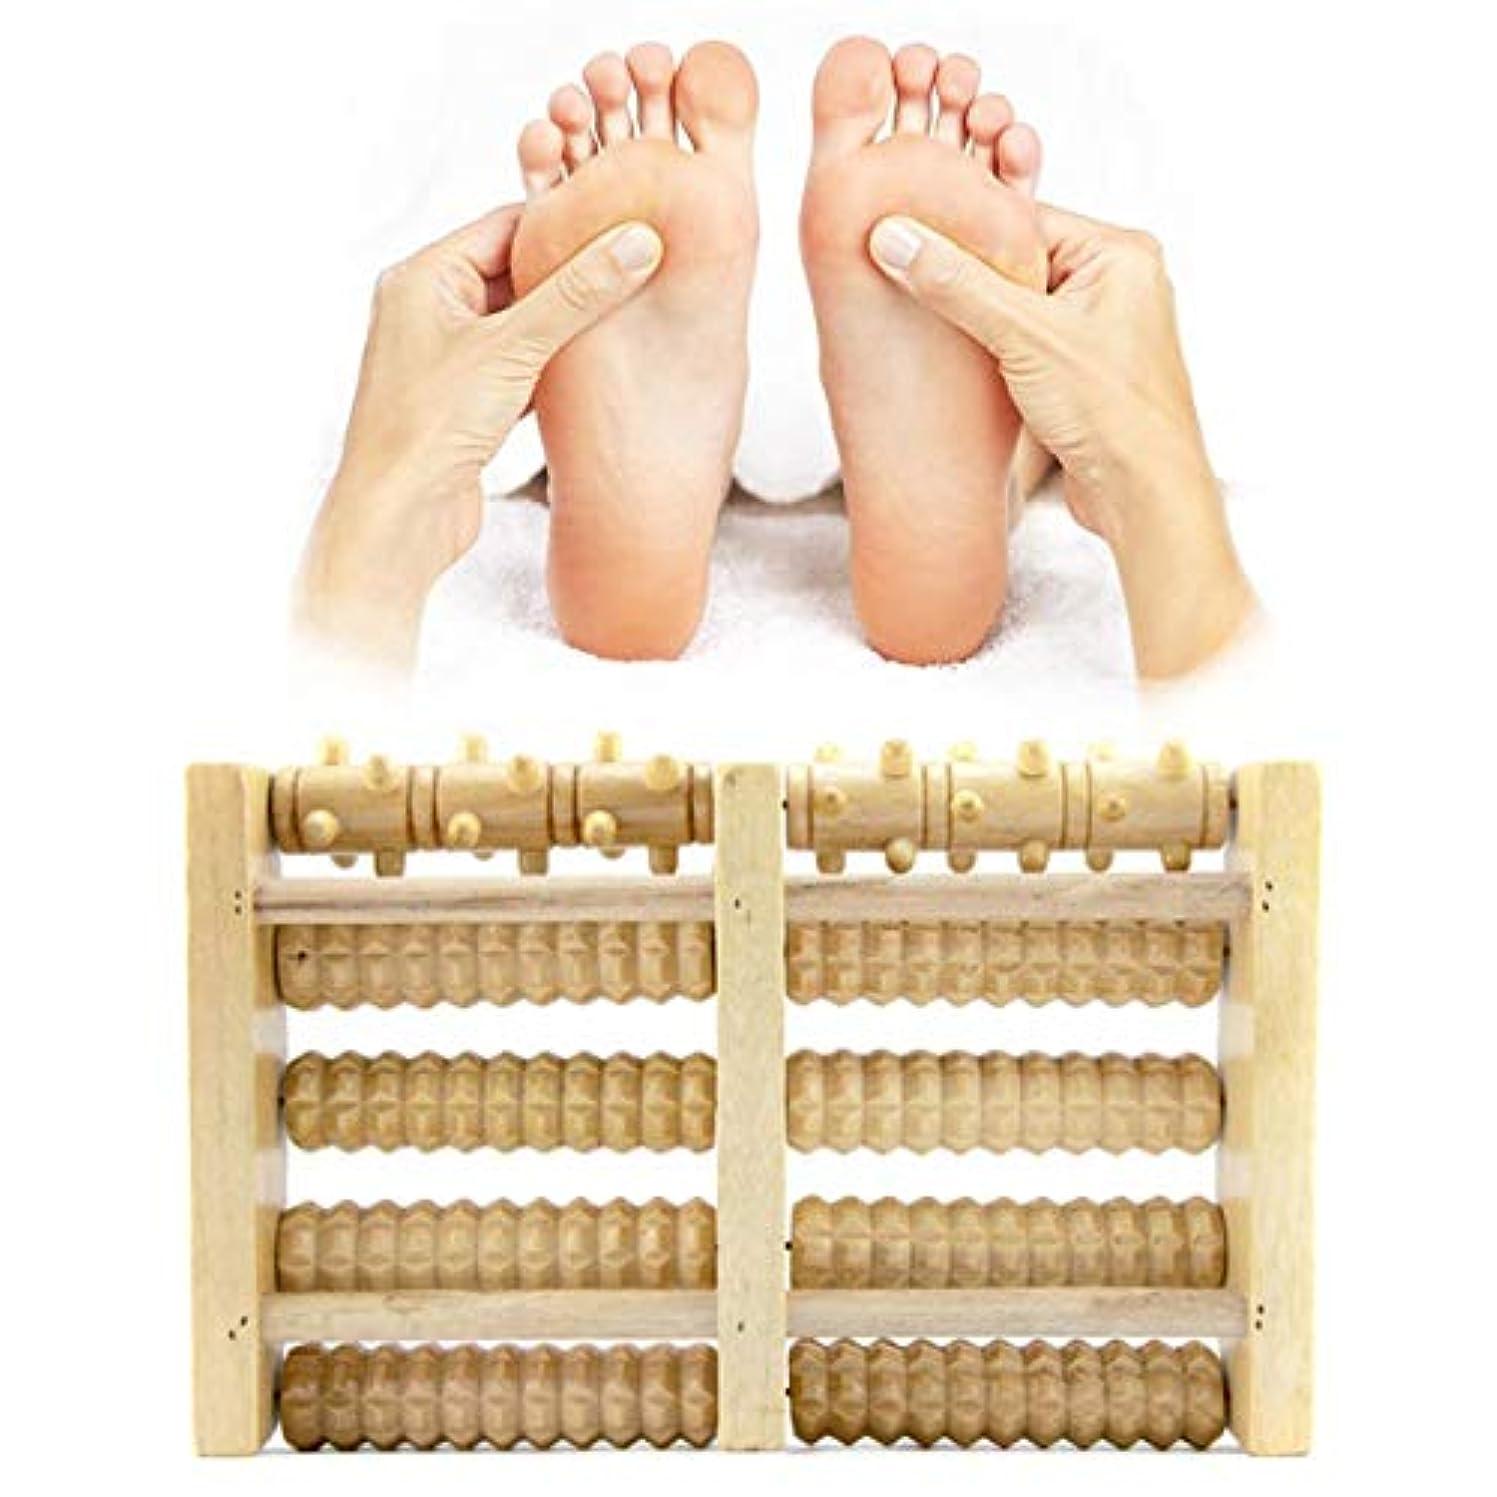 急襲適度に俳優Wooden Foot Massager 5 Rollers Reflexology Relax Stress Pain Relief Blood Circulation Promotion Foot Care Instrument